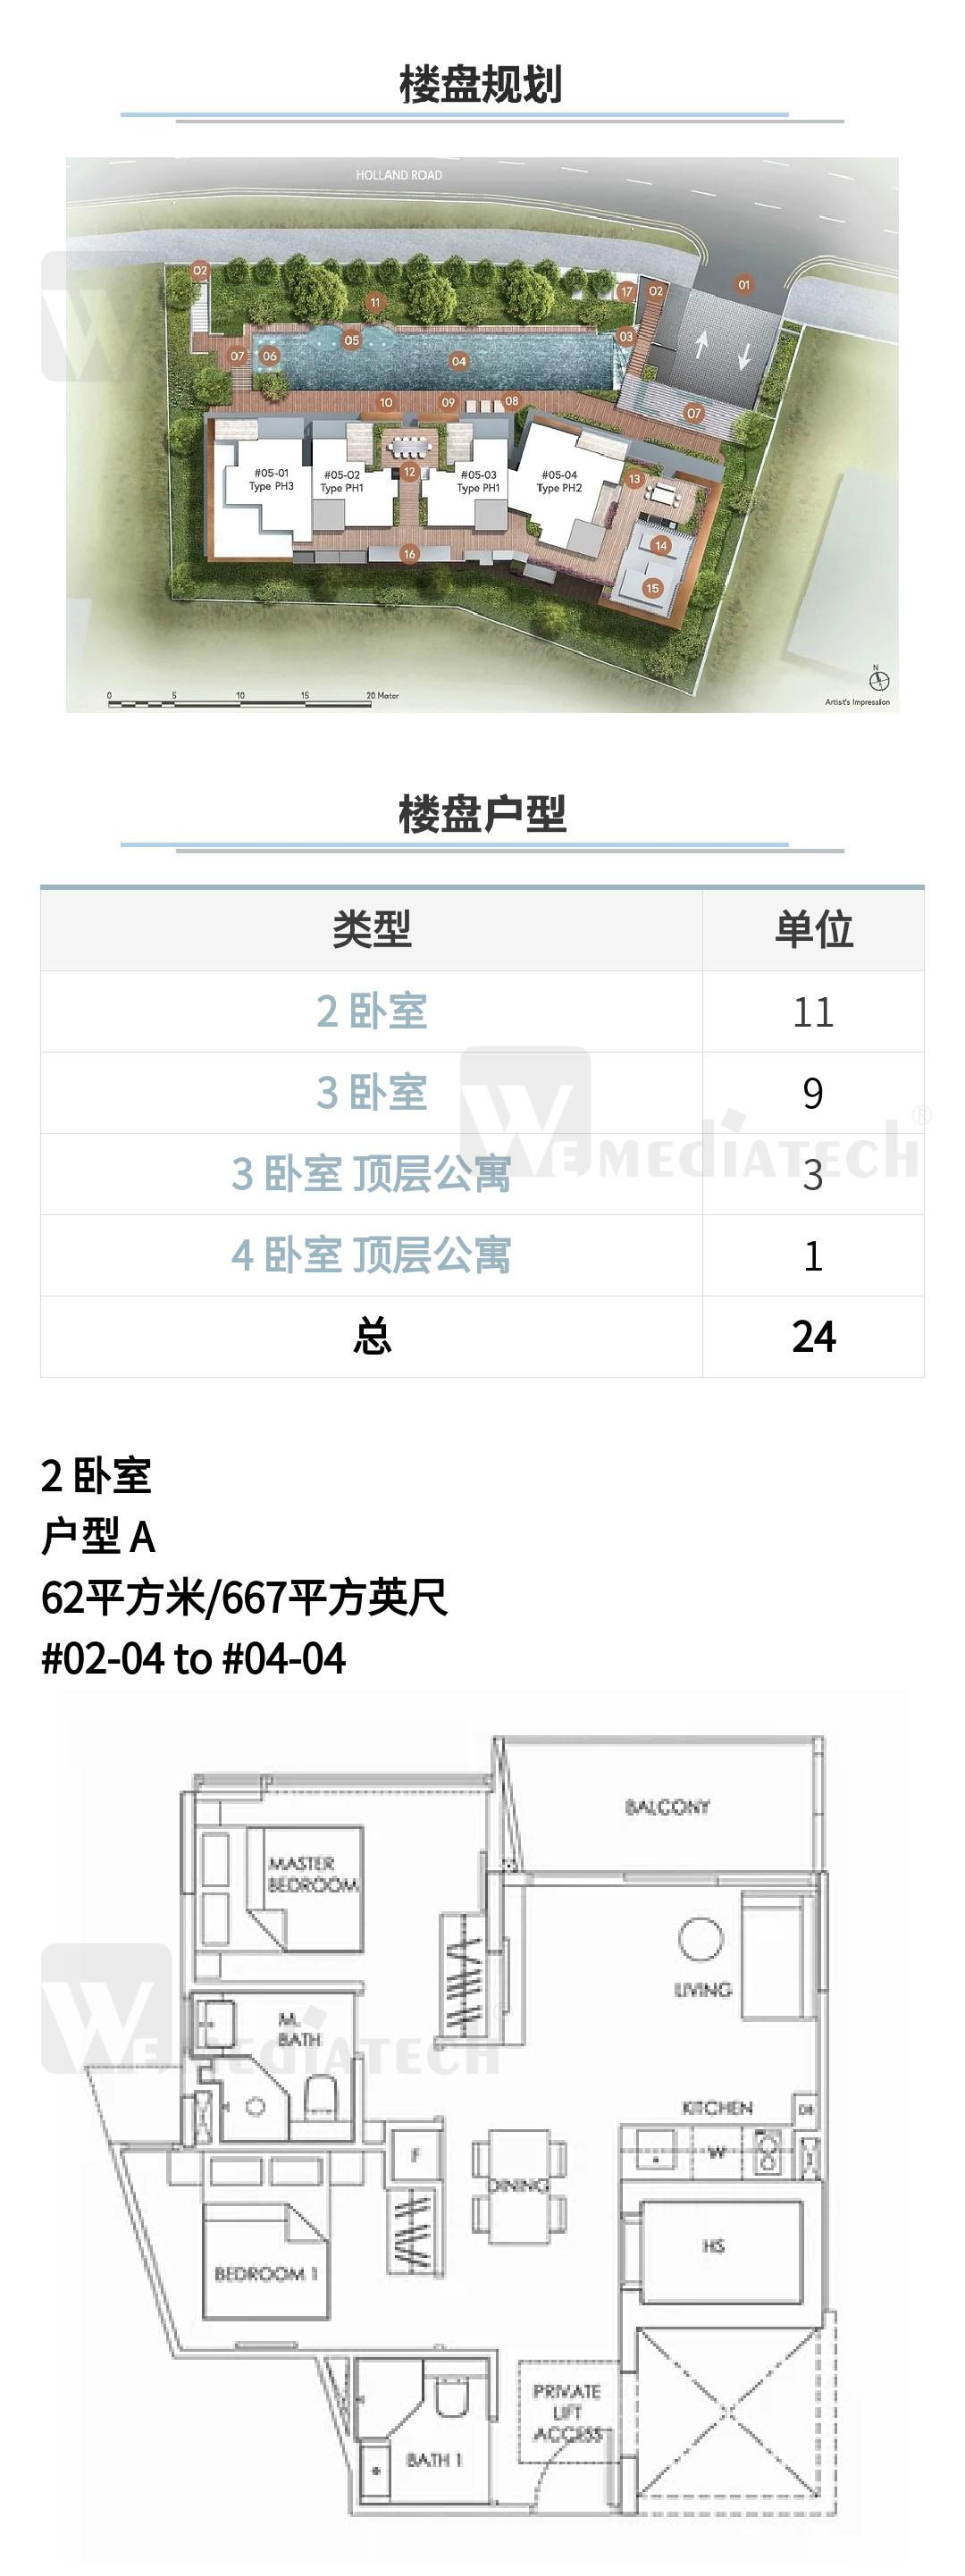 MRhx1_qietu_1.jpg